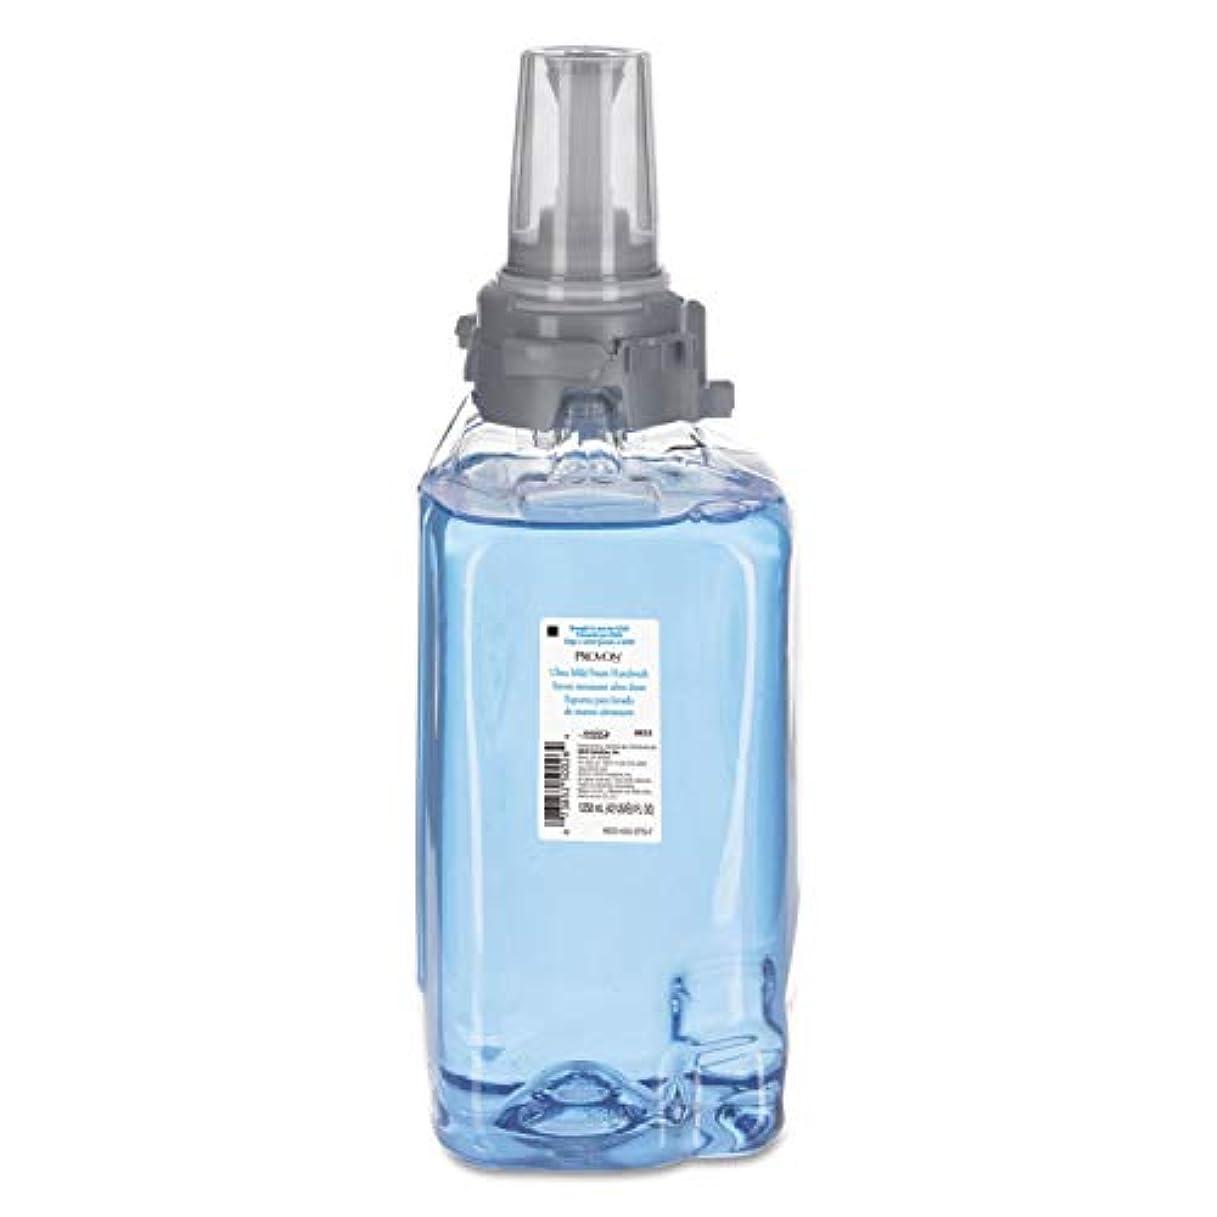 地上で姿勢にじみ出るgoj883303 – go-jo Industries Ultra Mild Foam Handwash